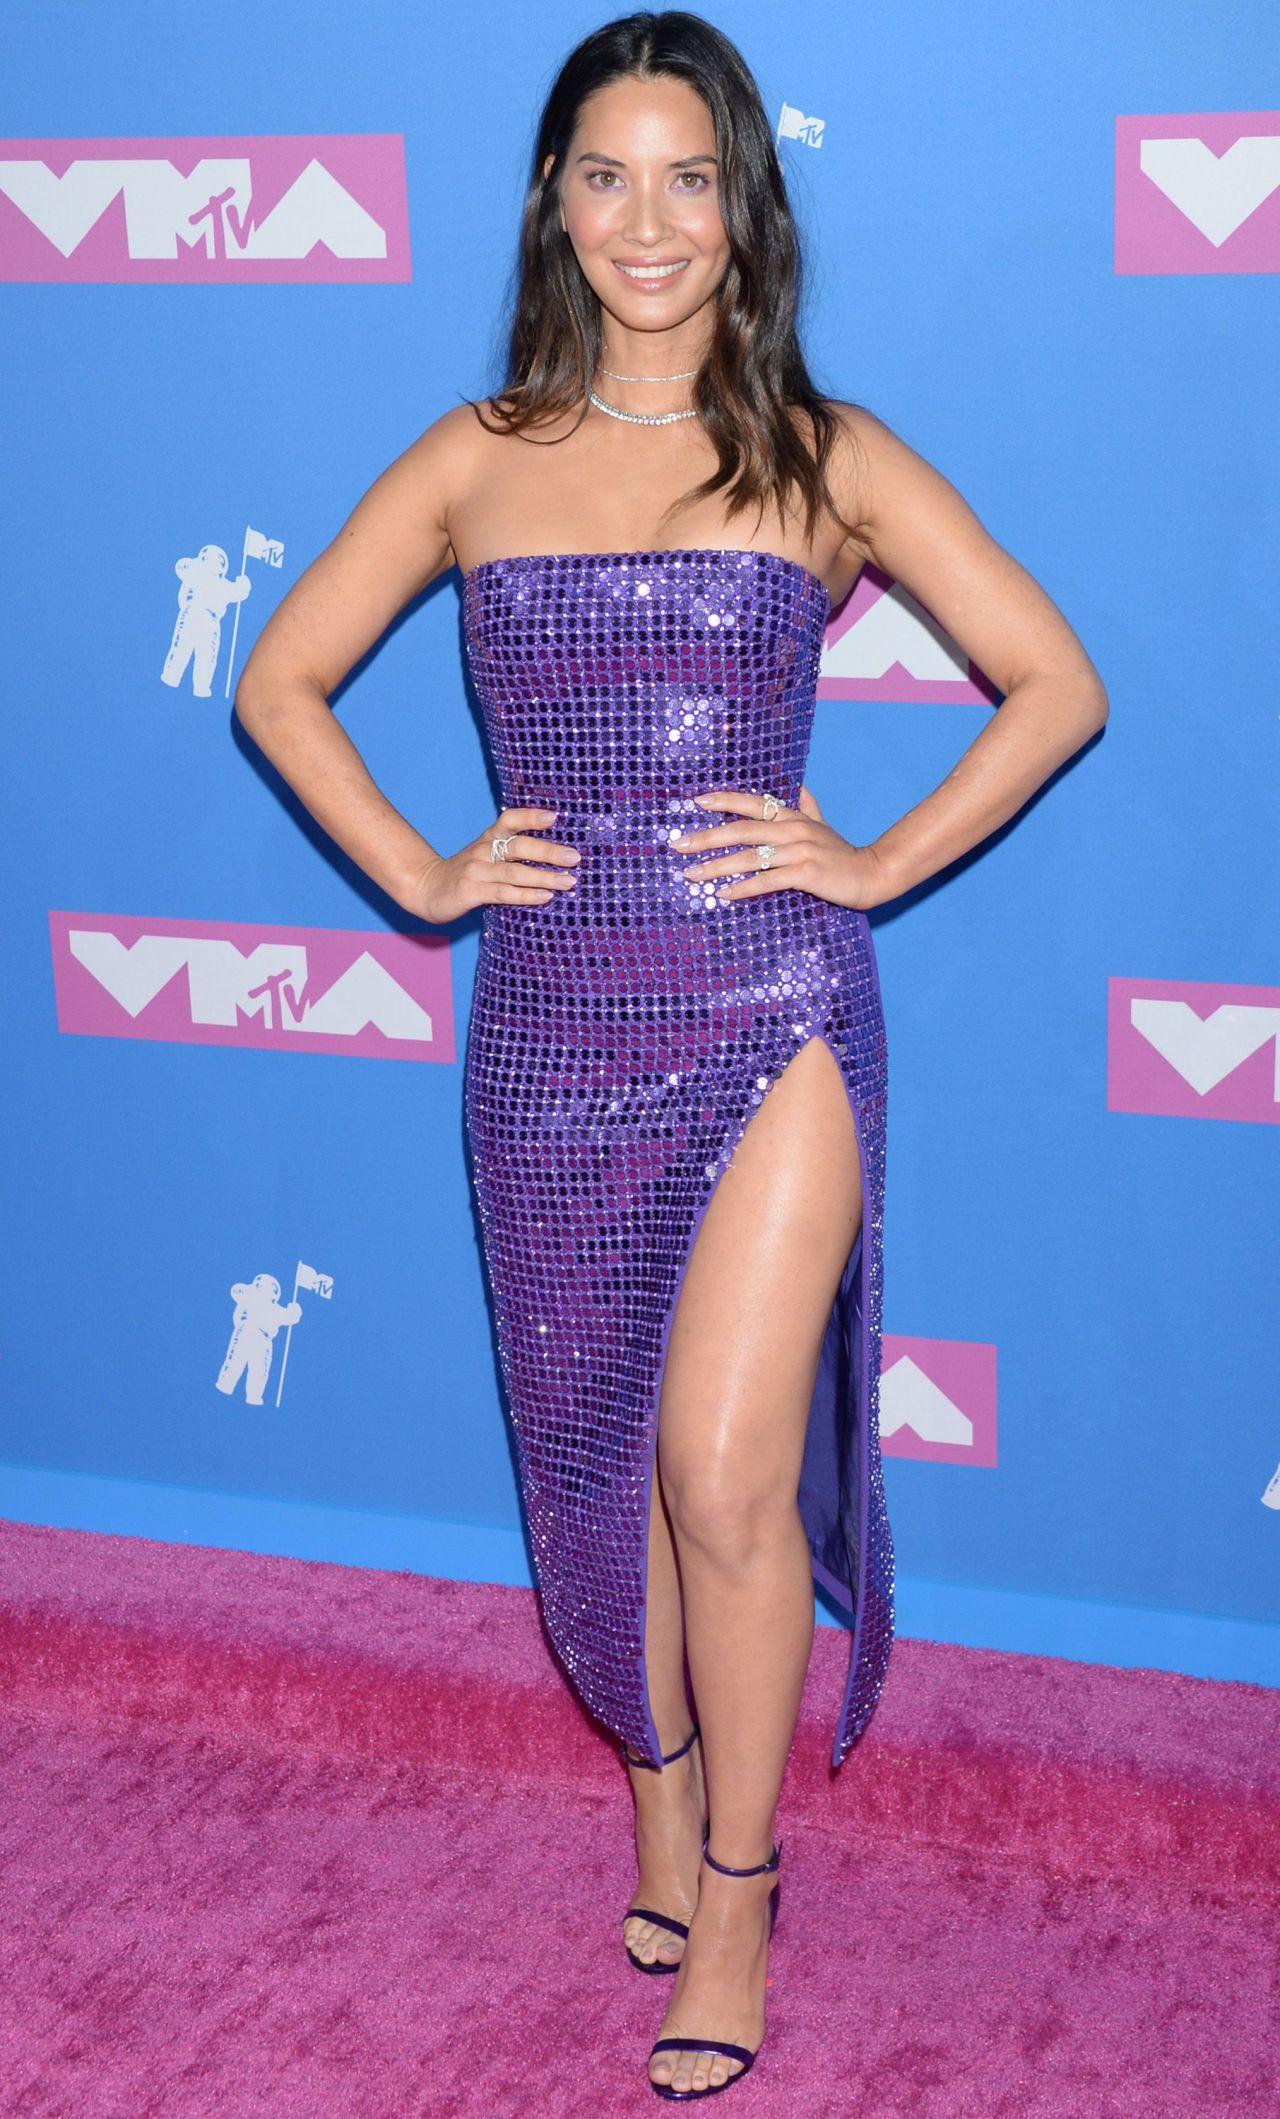 Olivia Munn 2018 Mtv Video Music Awards